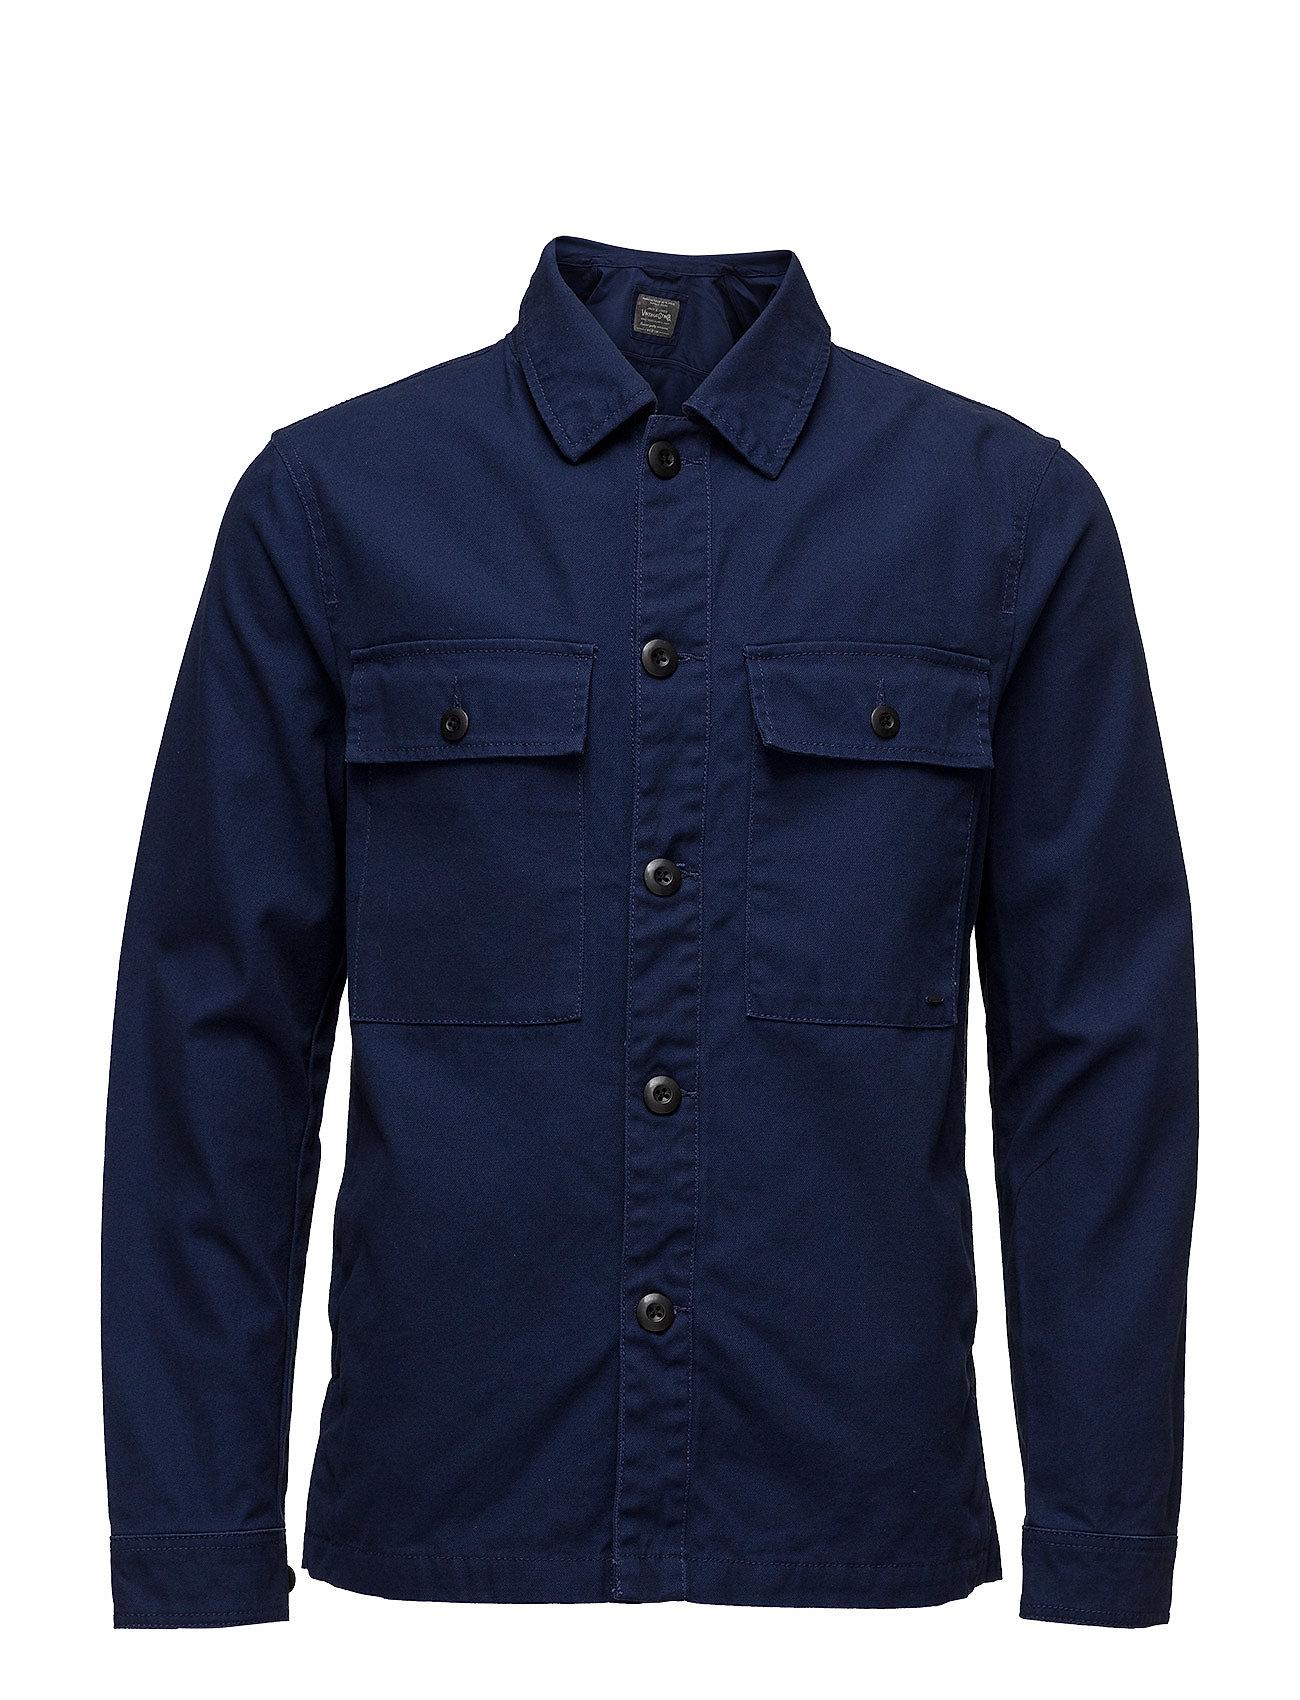 e8afd239515d Find Jjvhenry Overshirt Jack   Jones Vintage Trøjer i Estate Blå til Mænd  på en webshop